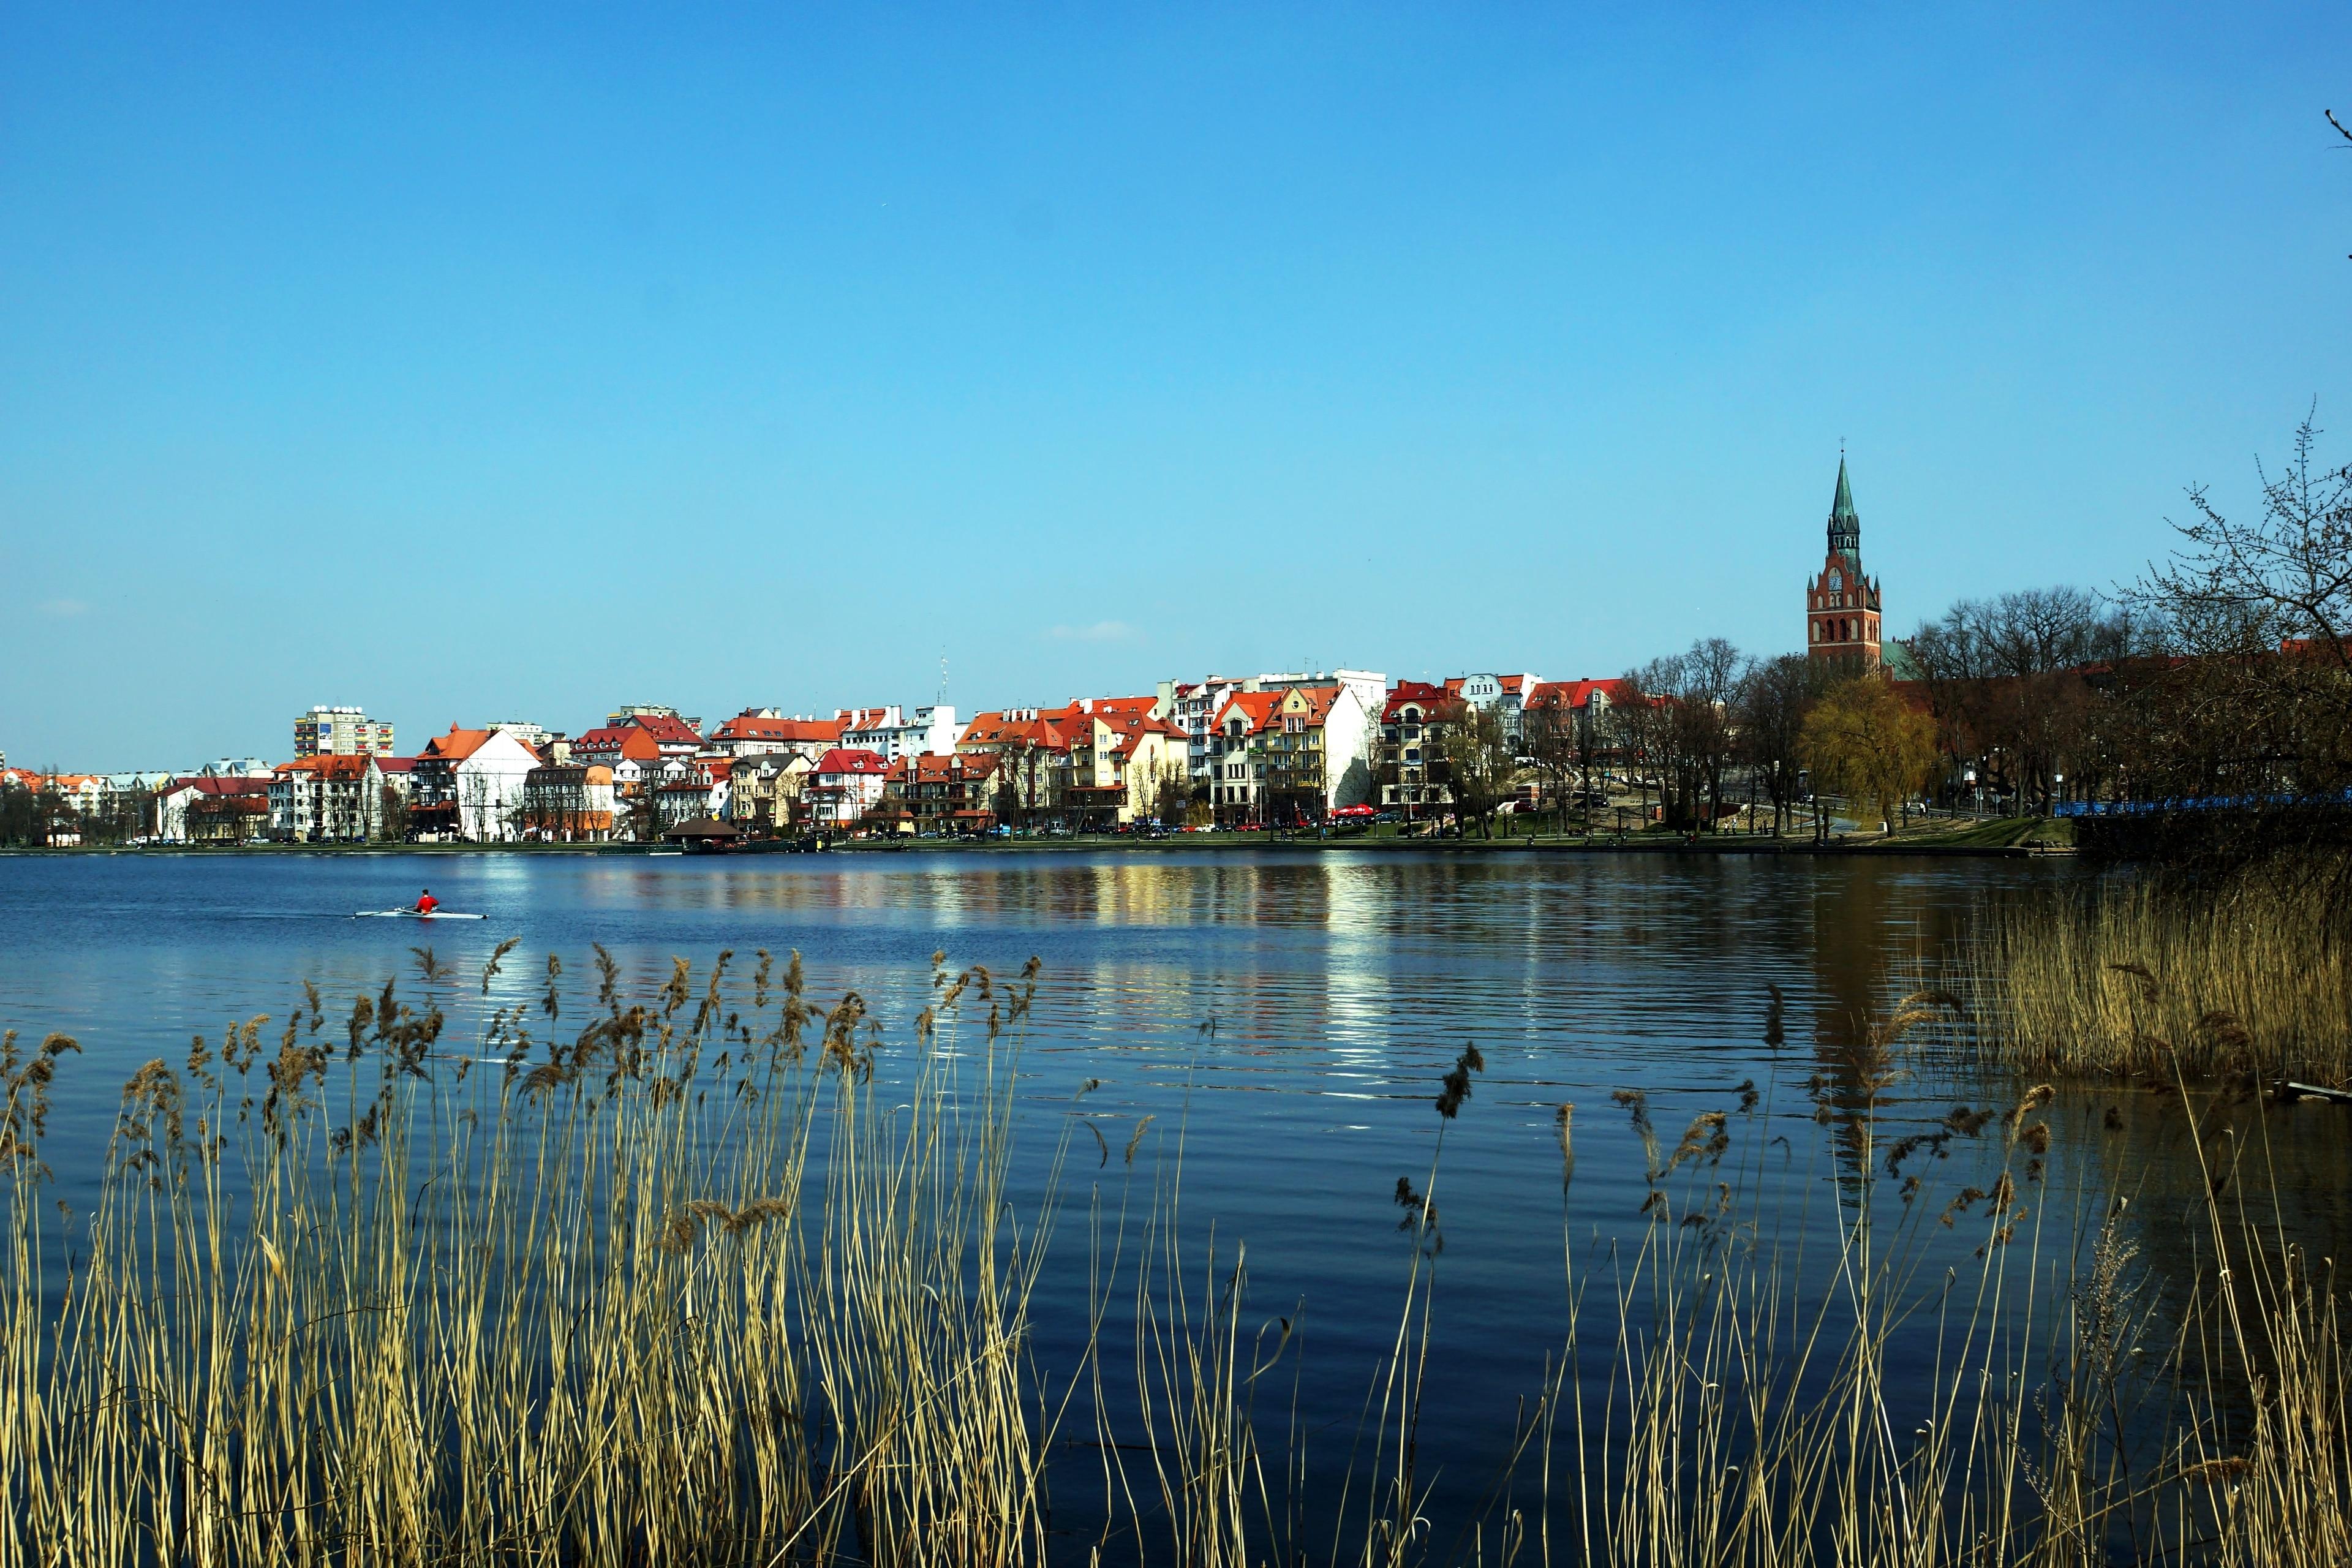 Mragowo, Warmian-Masurian Voivodeship, Poland